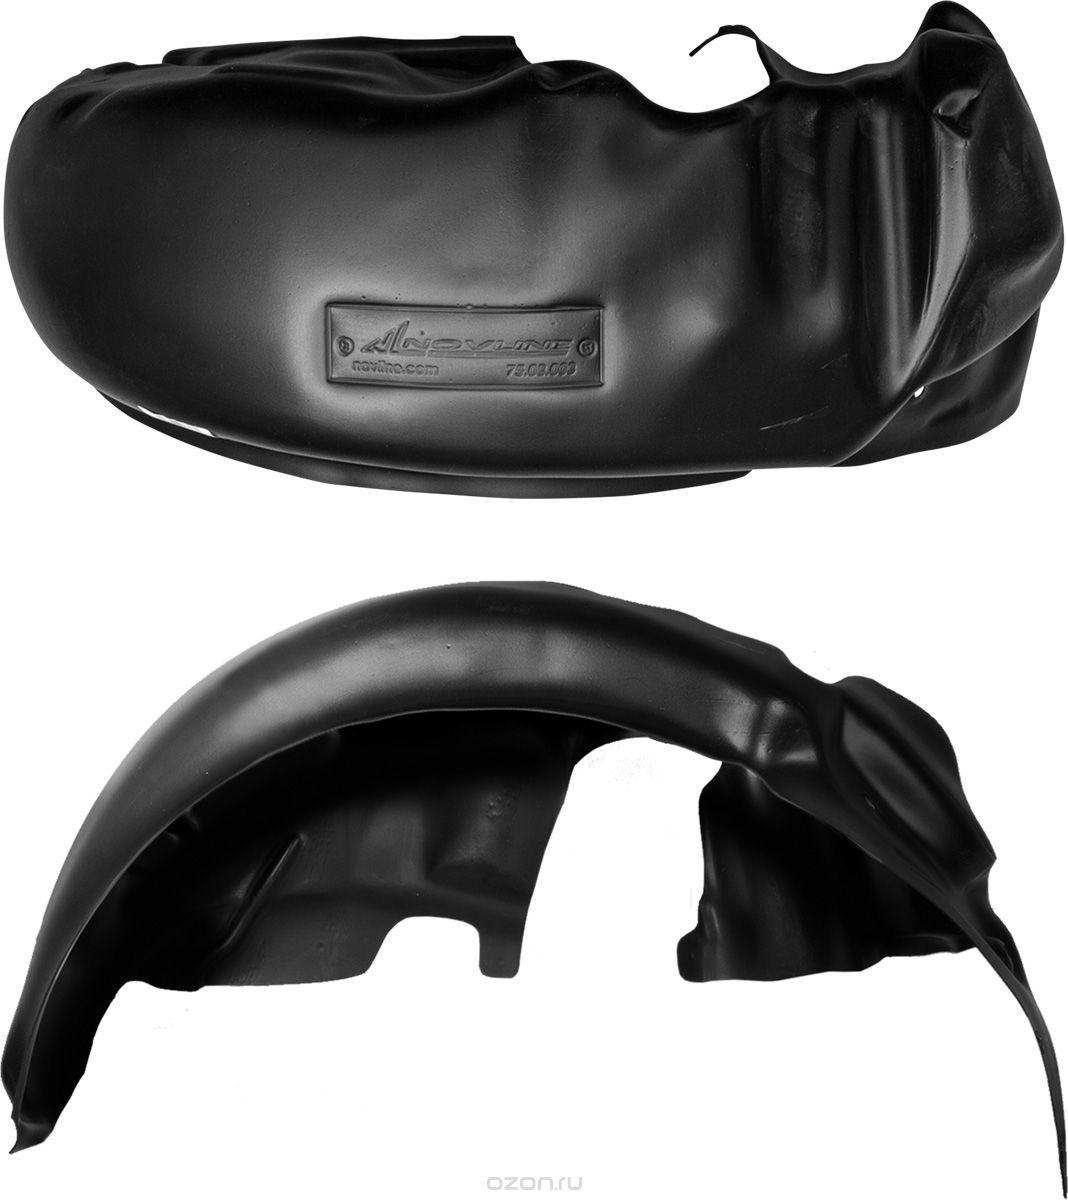 Подкрылок Novline-Autofamily, для LIFAN X50, 06/2015->, Кросс., передний левый000414Идеальная защита колесной ниши. Локеры разработаны с применением цифровых технологий, гарантируют максимальную повторяемость поверхности арки. Изделия устанавливаются без нарушения лакокрасочного покрытия автомобиля, каждый подкрылок комплектуется крепежом. Уважаемые клиенты, обращаем ваше внимание, что фотографии на подкрылки универсальные и не отражают реальную форму изделия. При этом само изделие идет точно под размер указанного автомобиля.